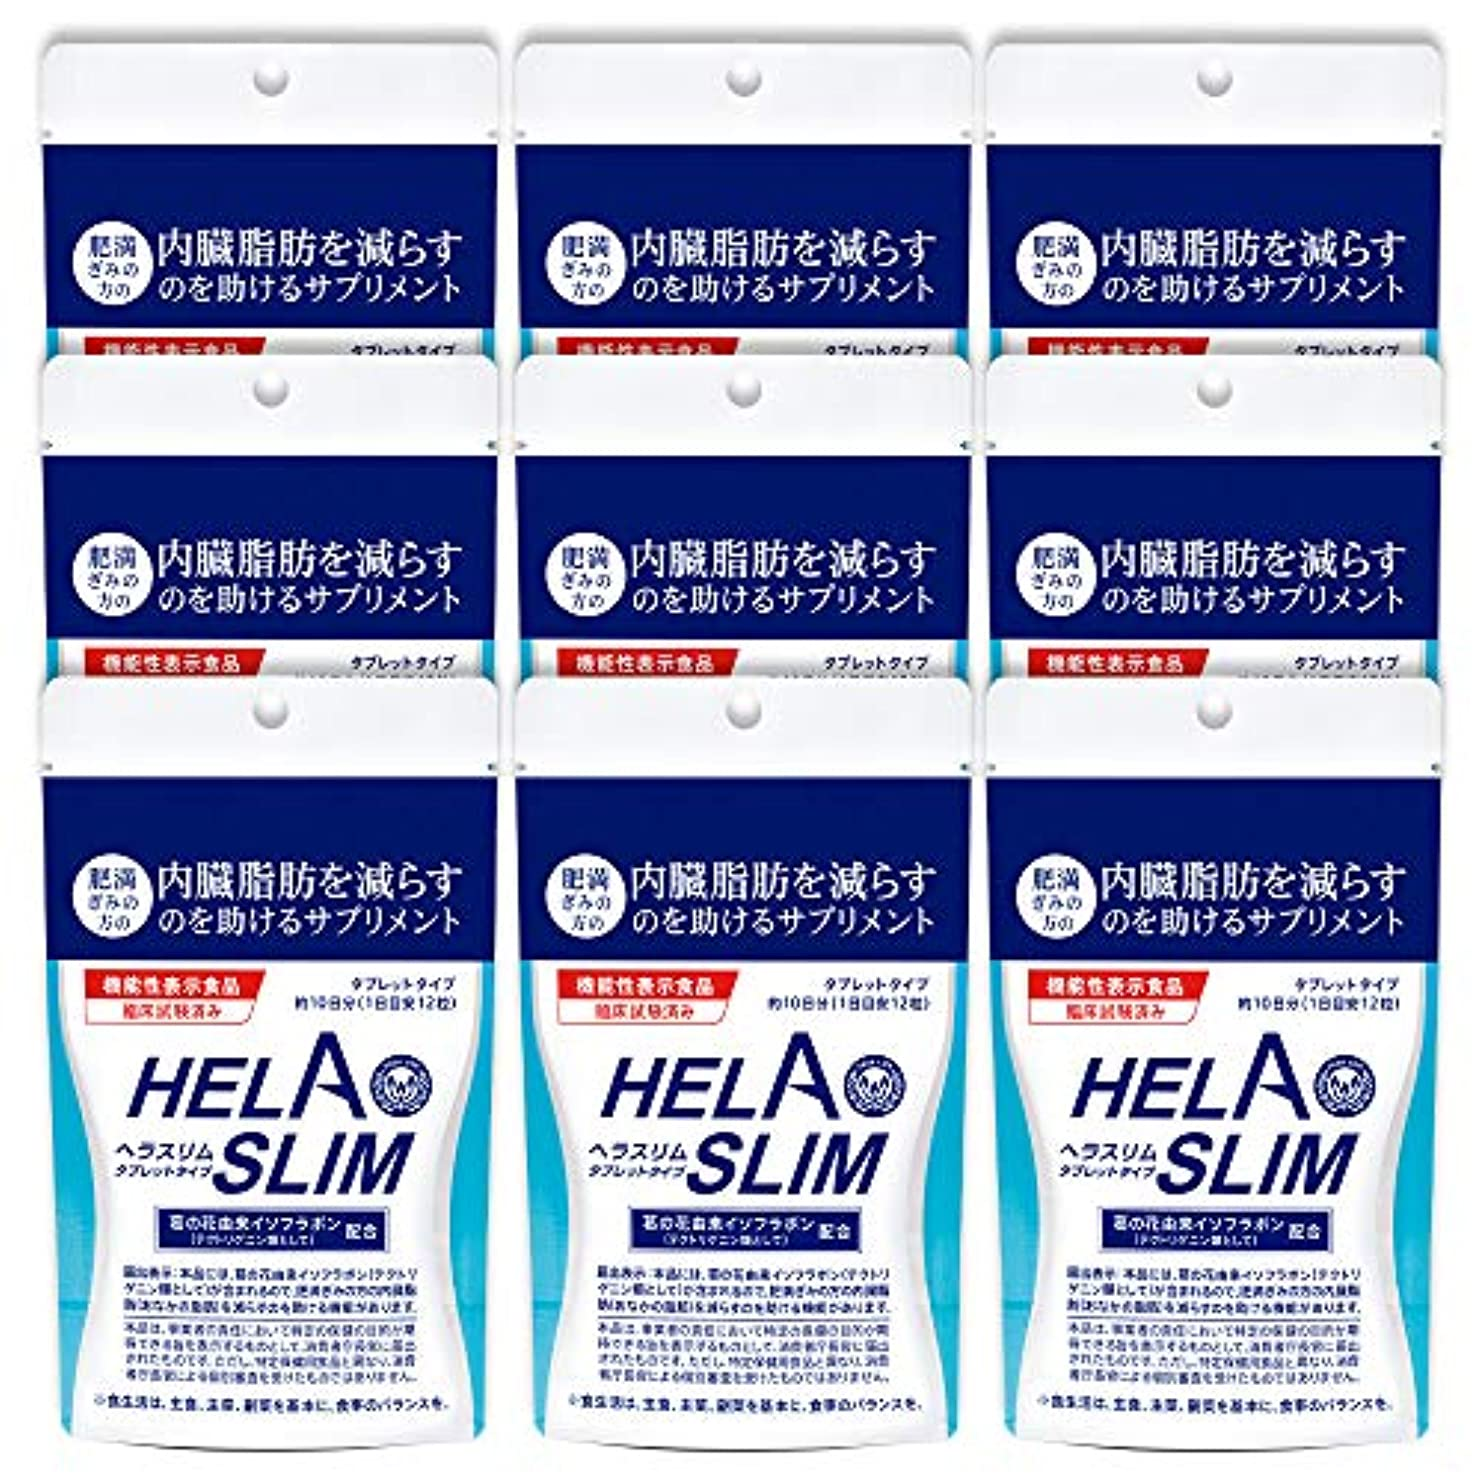 クレジット玉超音速【9袋セット】HELASLIM(120粒入り)アルミパック